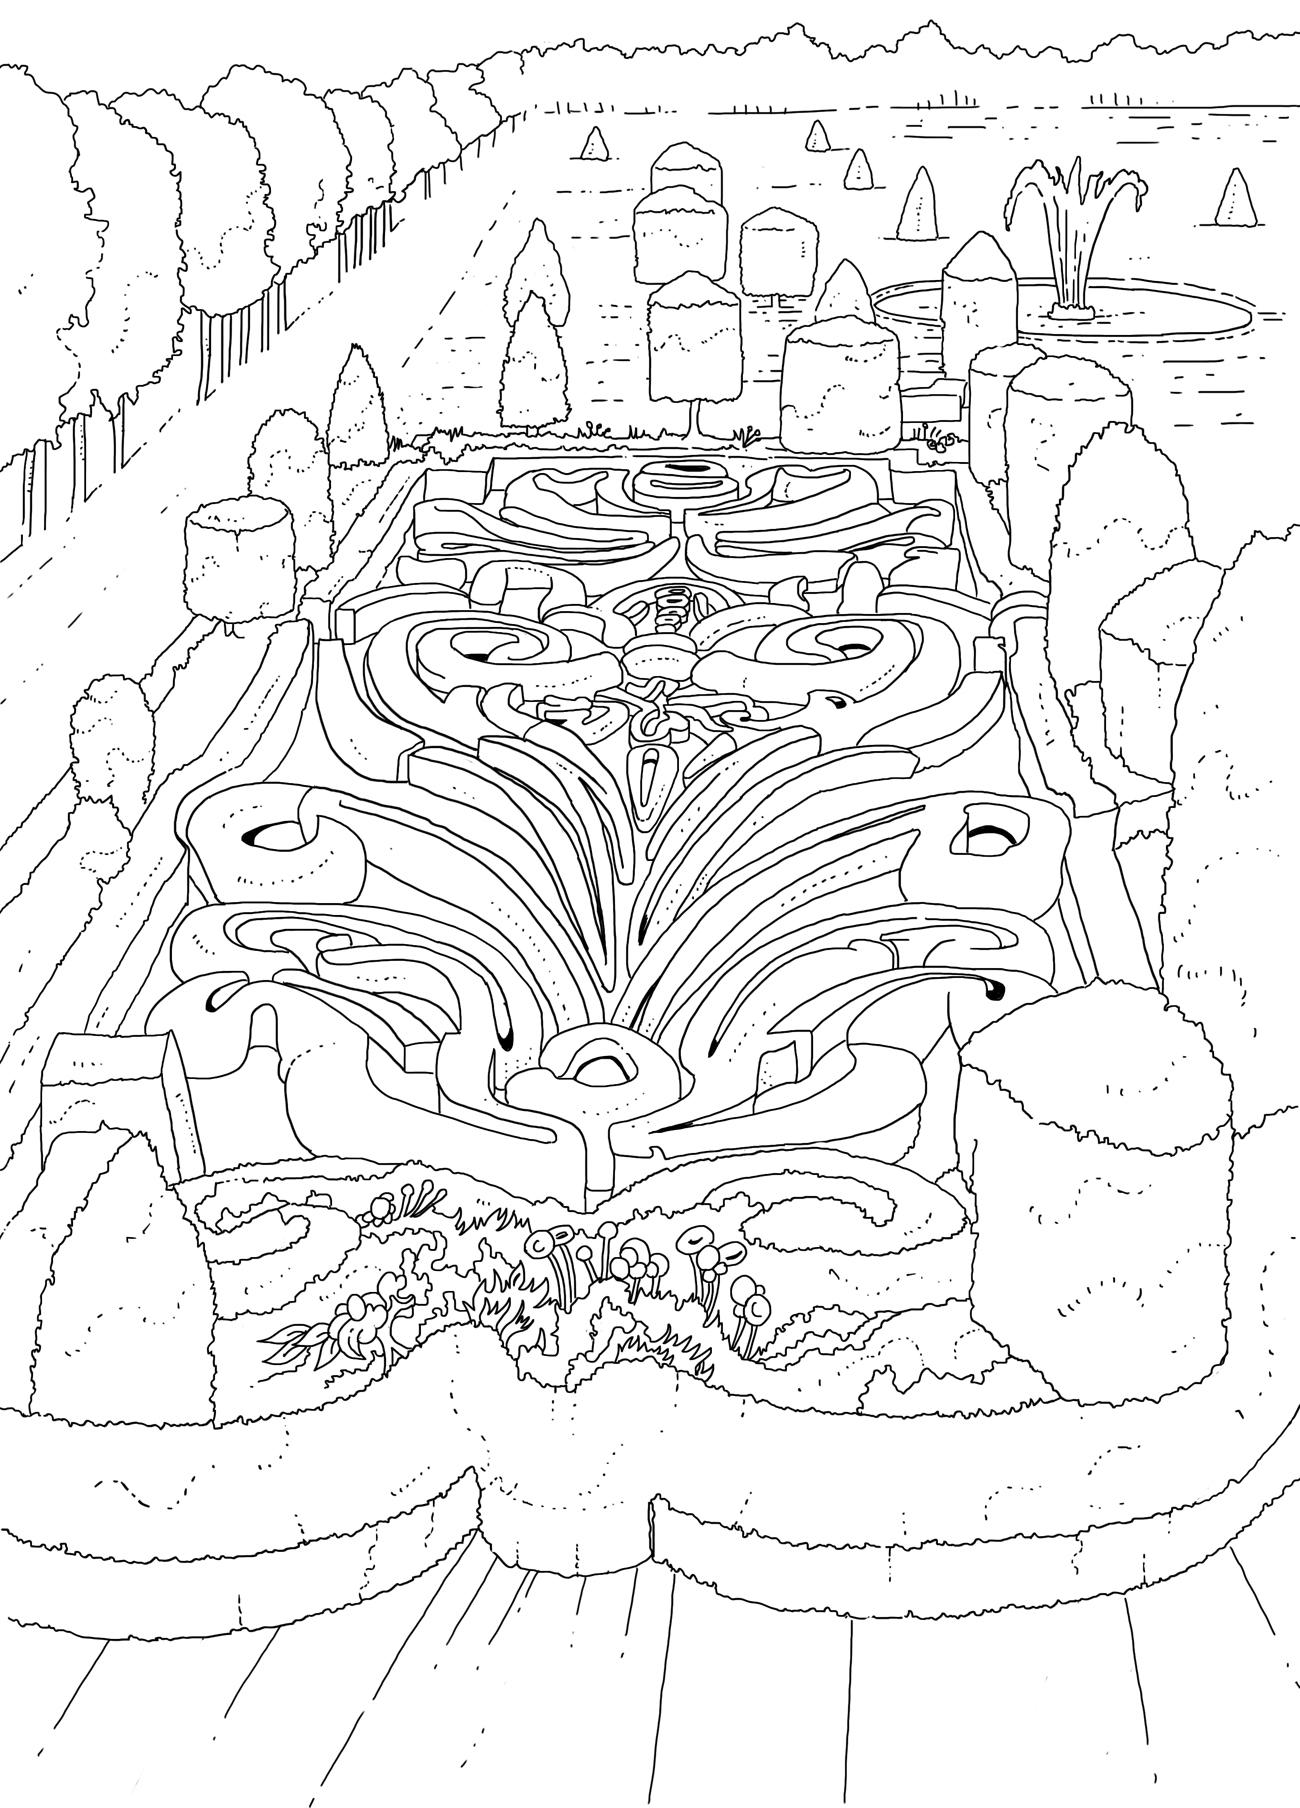 Coloriage Chateau Versailles.Cahier De Coloriages Louis Xiv Et La Vie A Versailles Editions